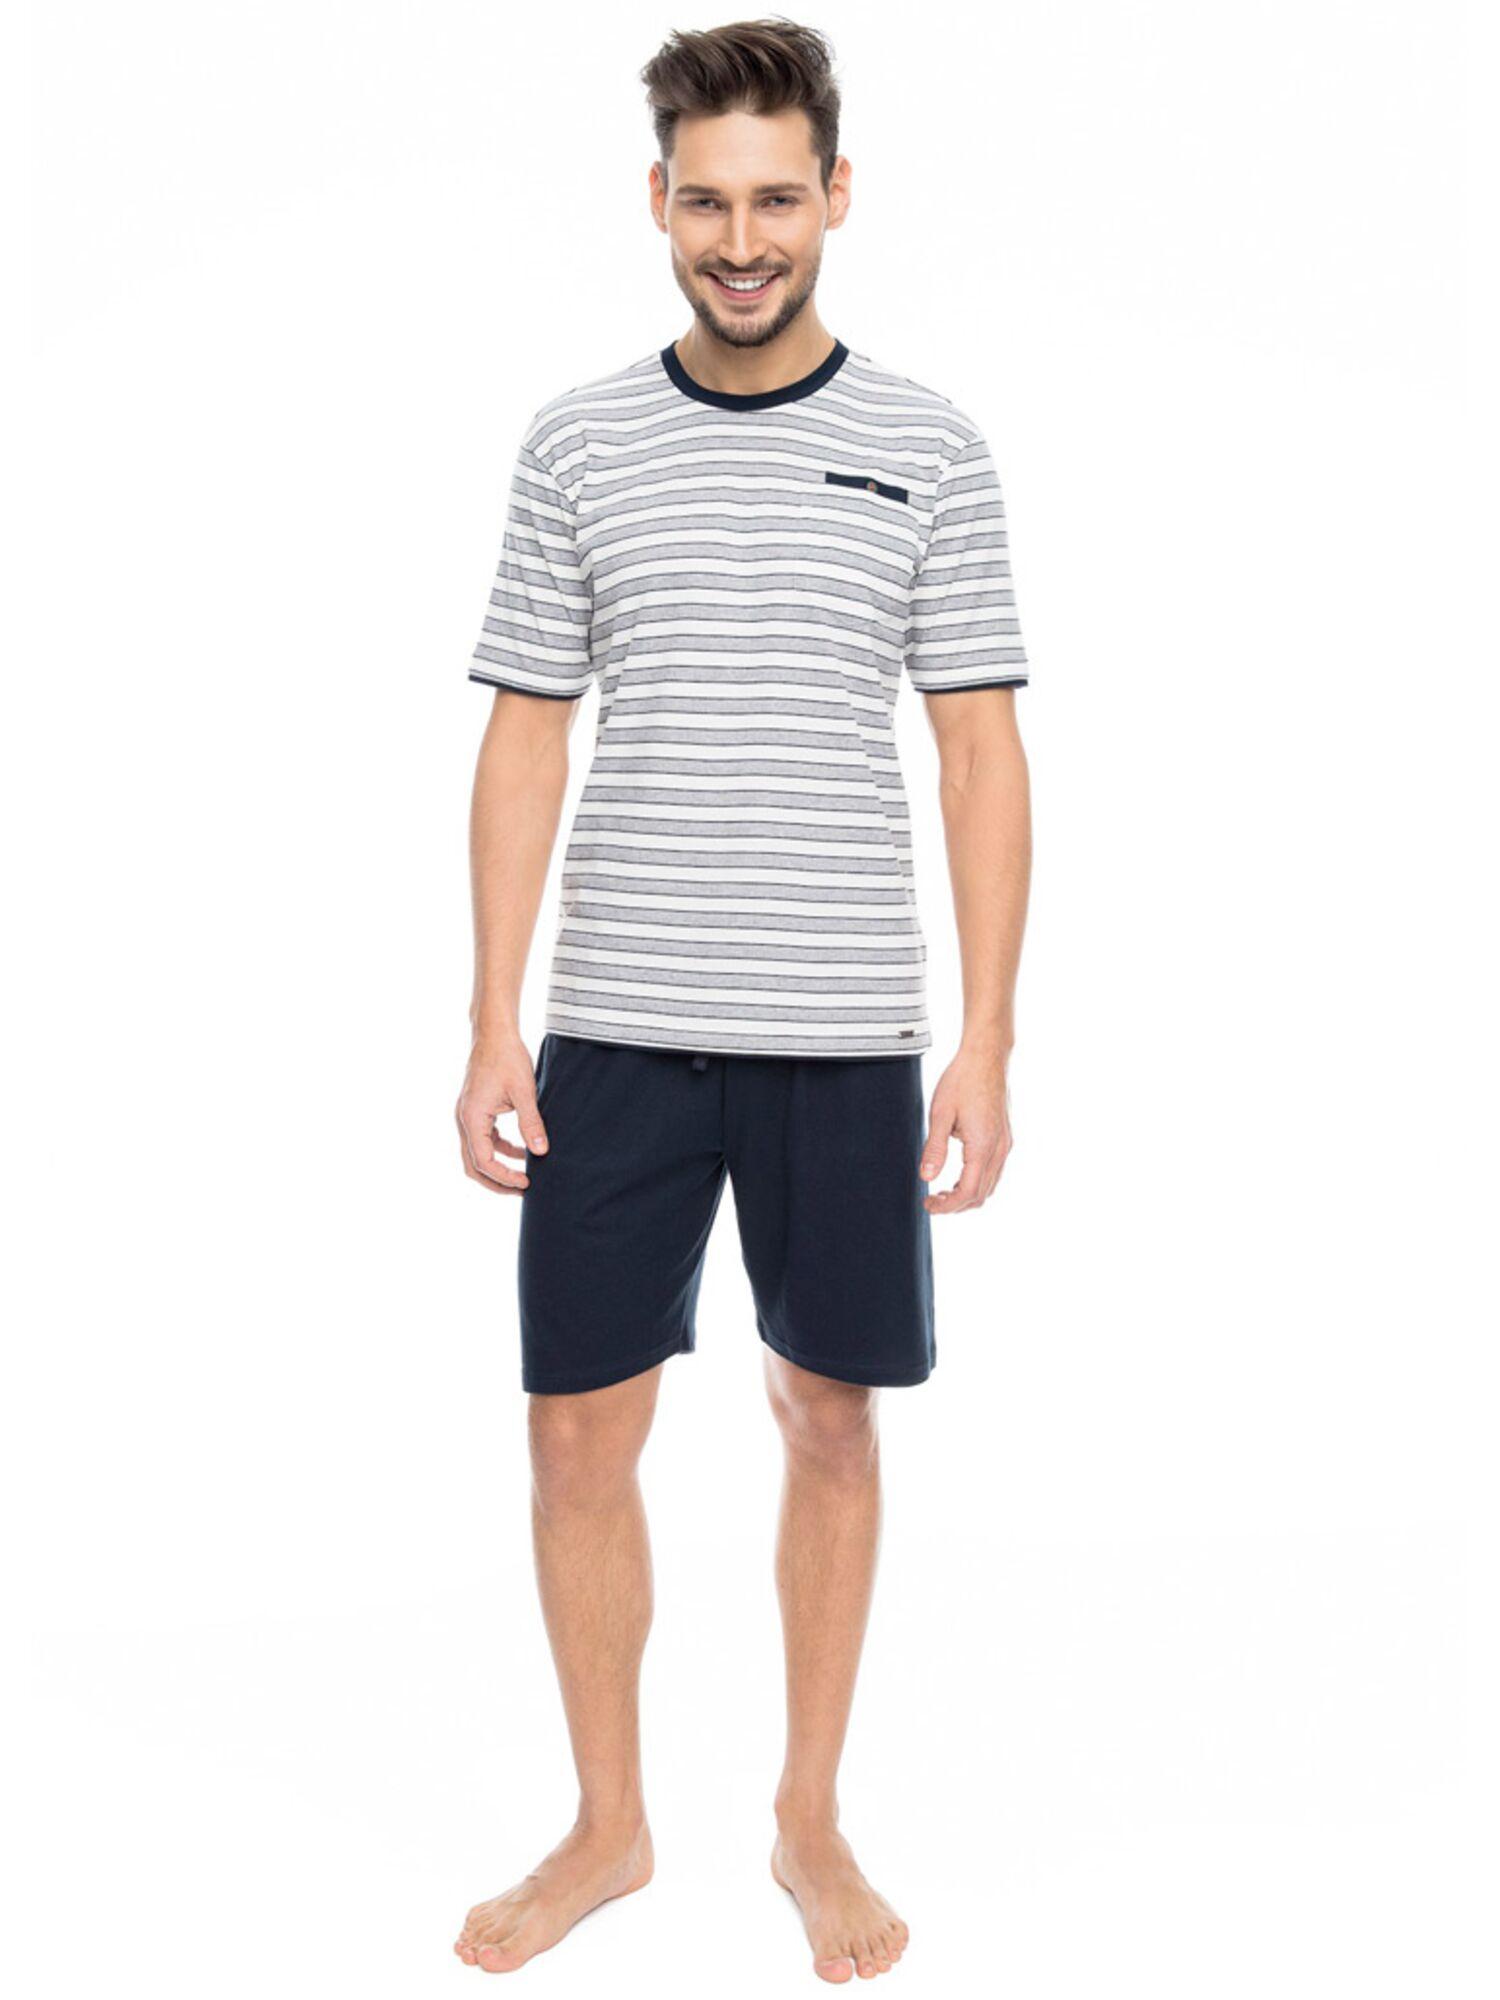 Комплект мужской с шортами PY-089 серый